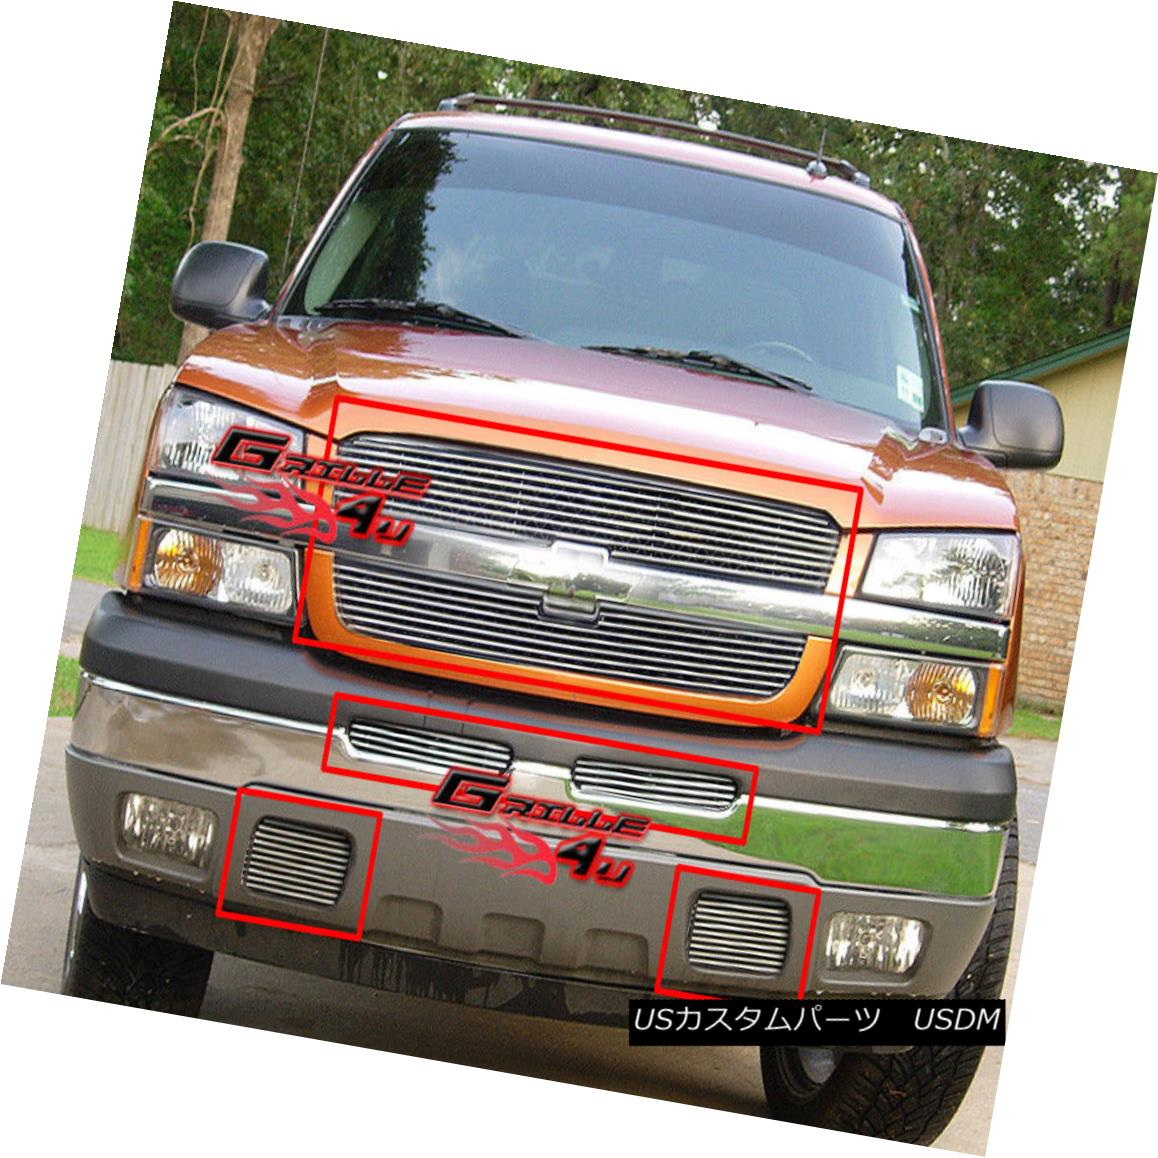 グリル Fits 03-05 Silverado 1500/03-04 2500 HD Billet Grille Combo フィット03-05 Silverado 1500 / 03-04 2500 HDビレットグリルコンボ